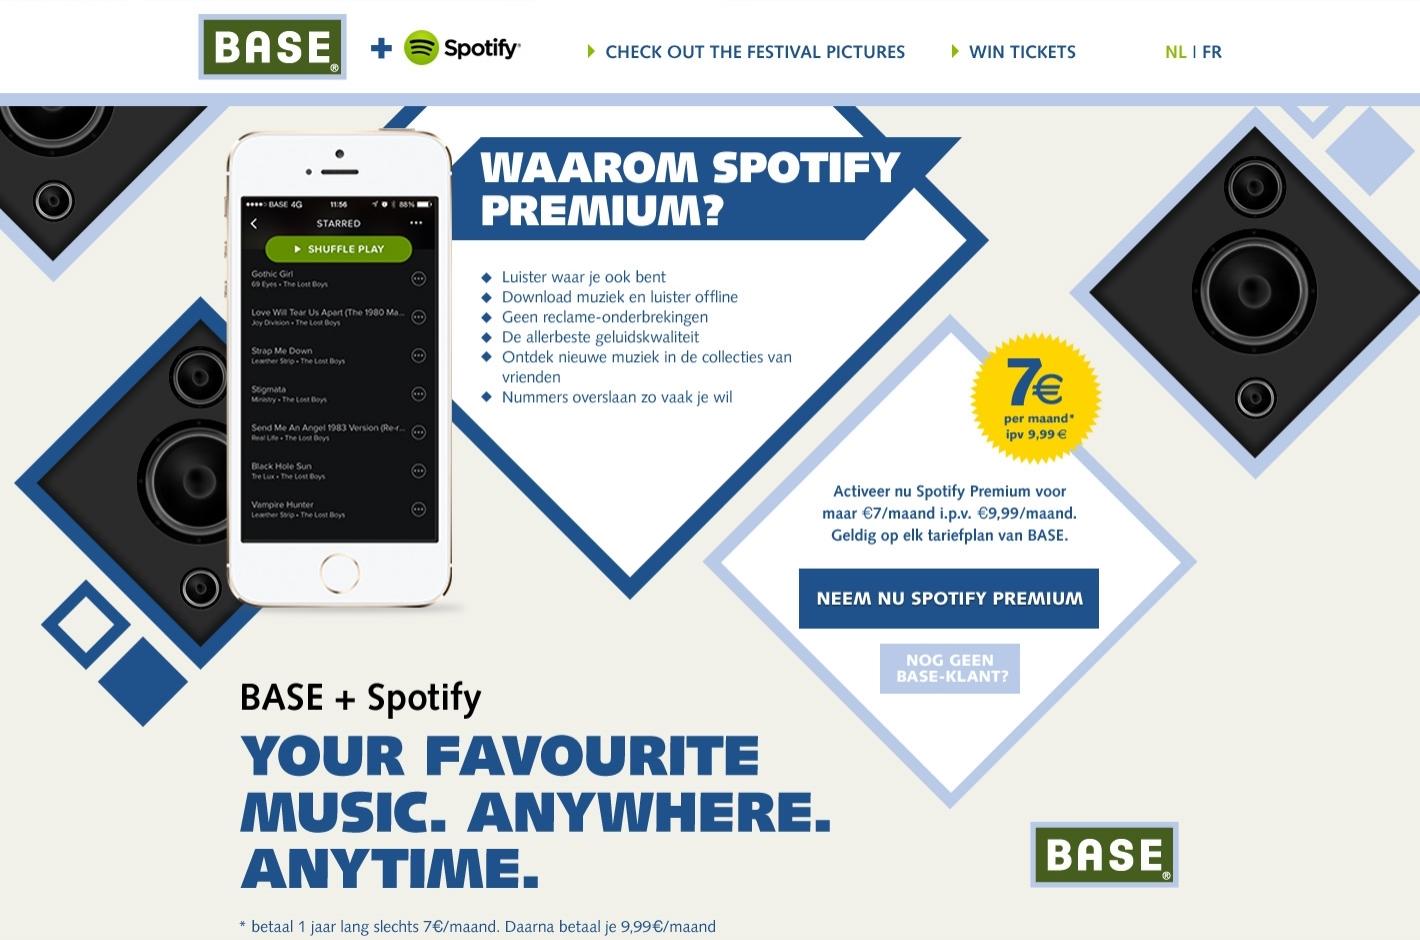 base-spotify-drone-03